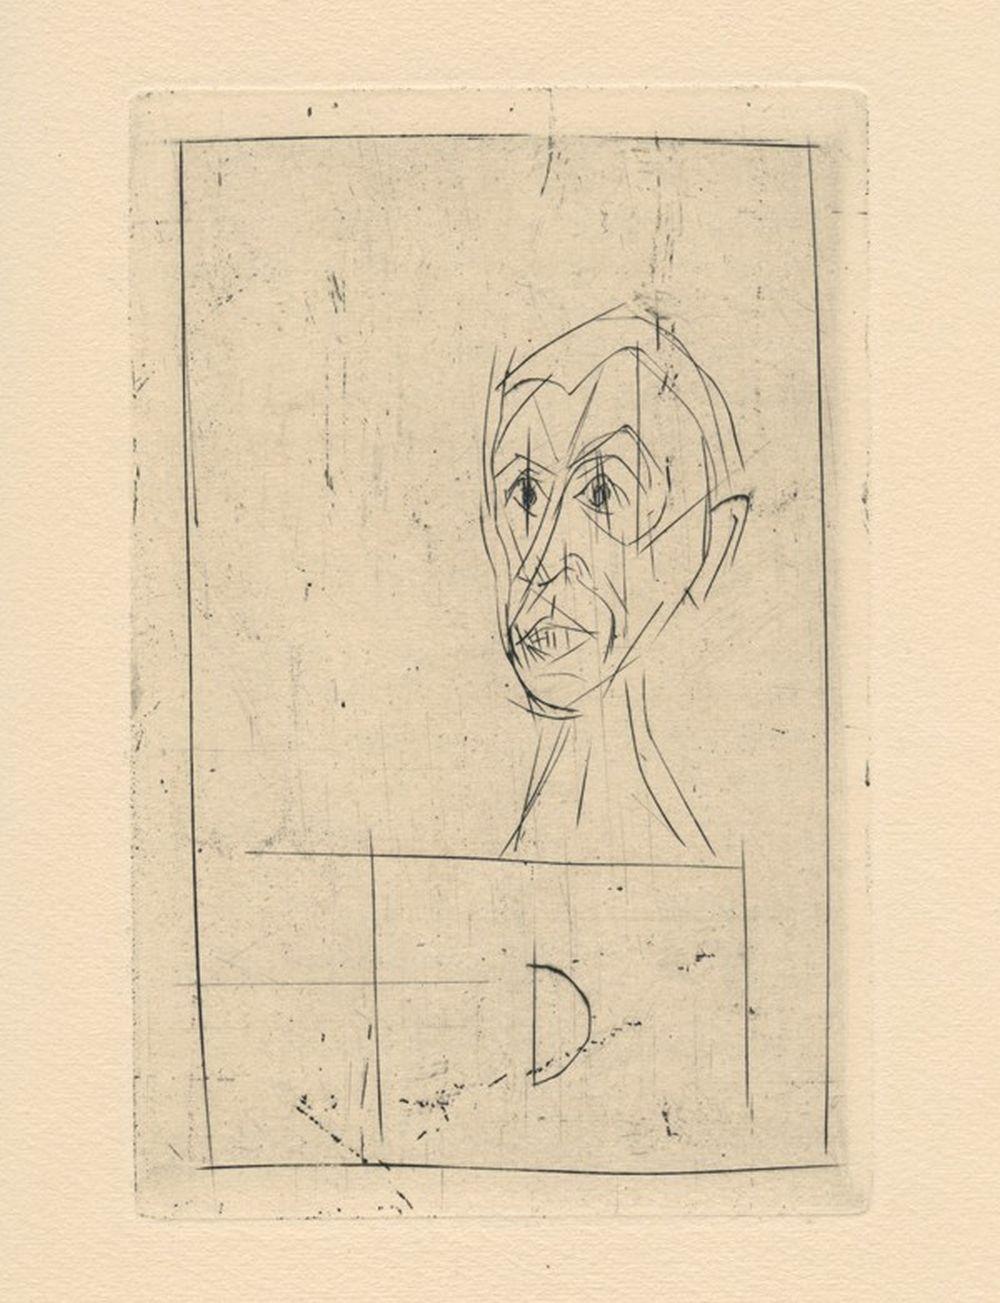 Alberto Giacometti - Histoire de rats I